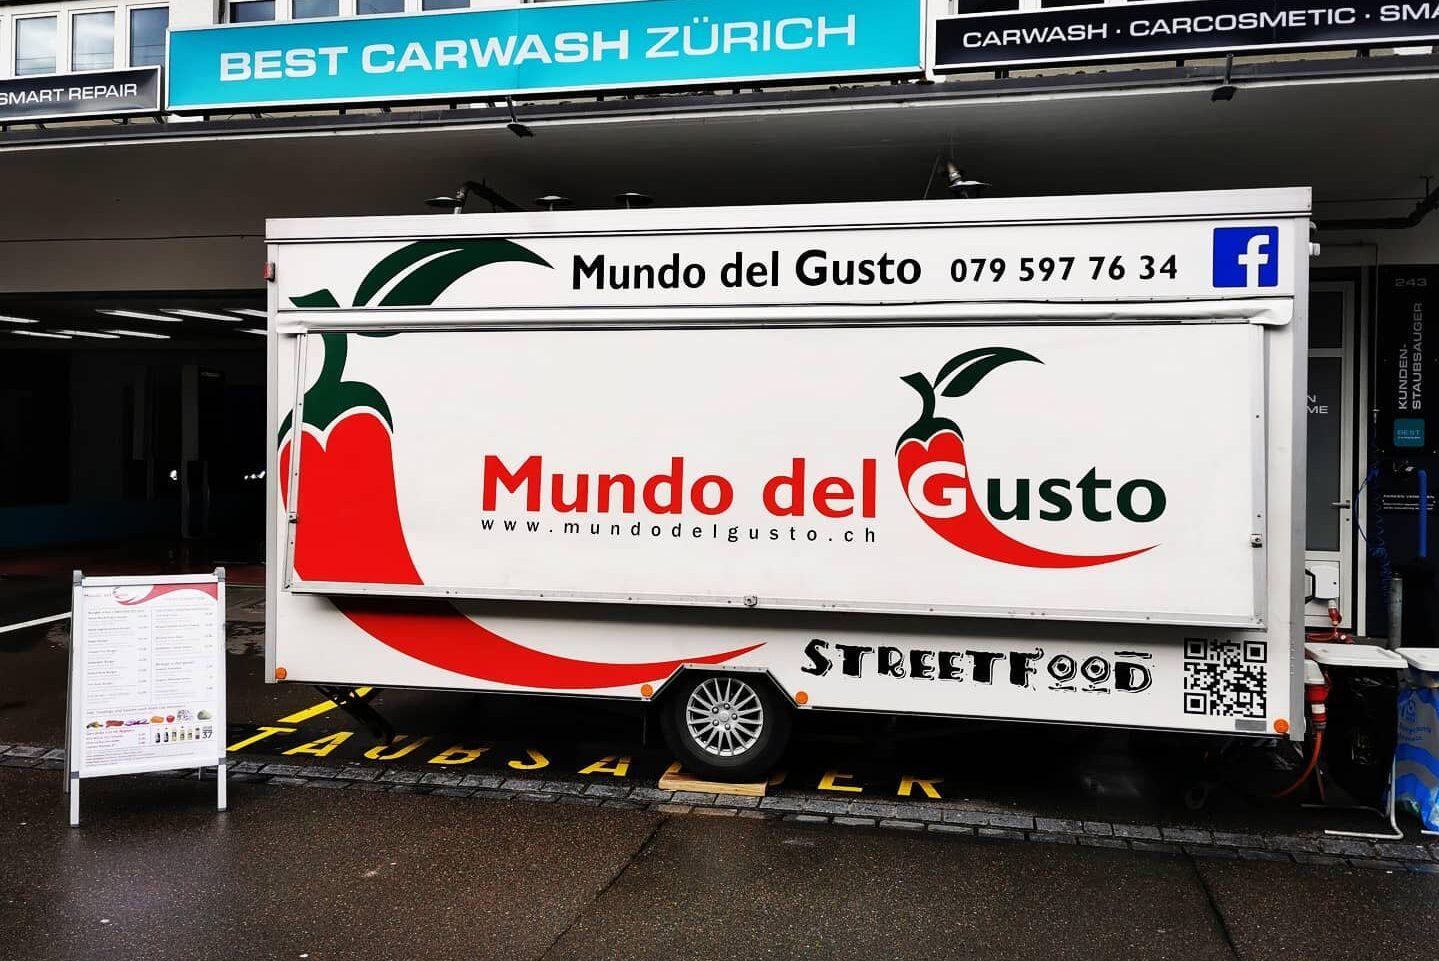 Foodtruck Mundo del Gusto